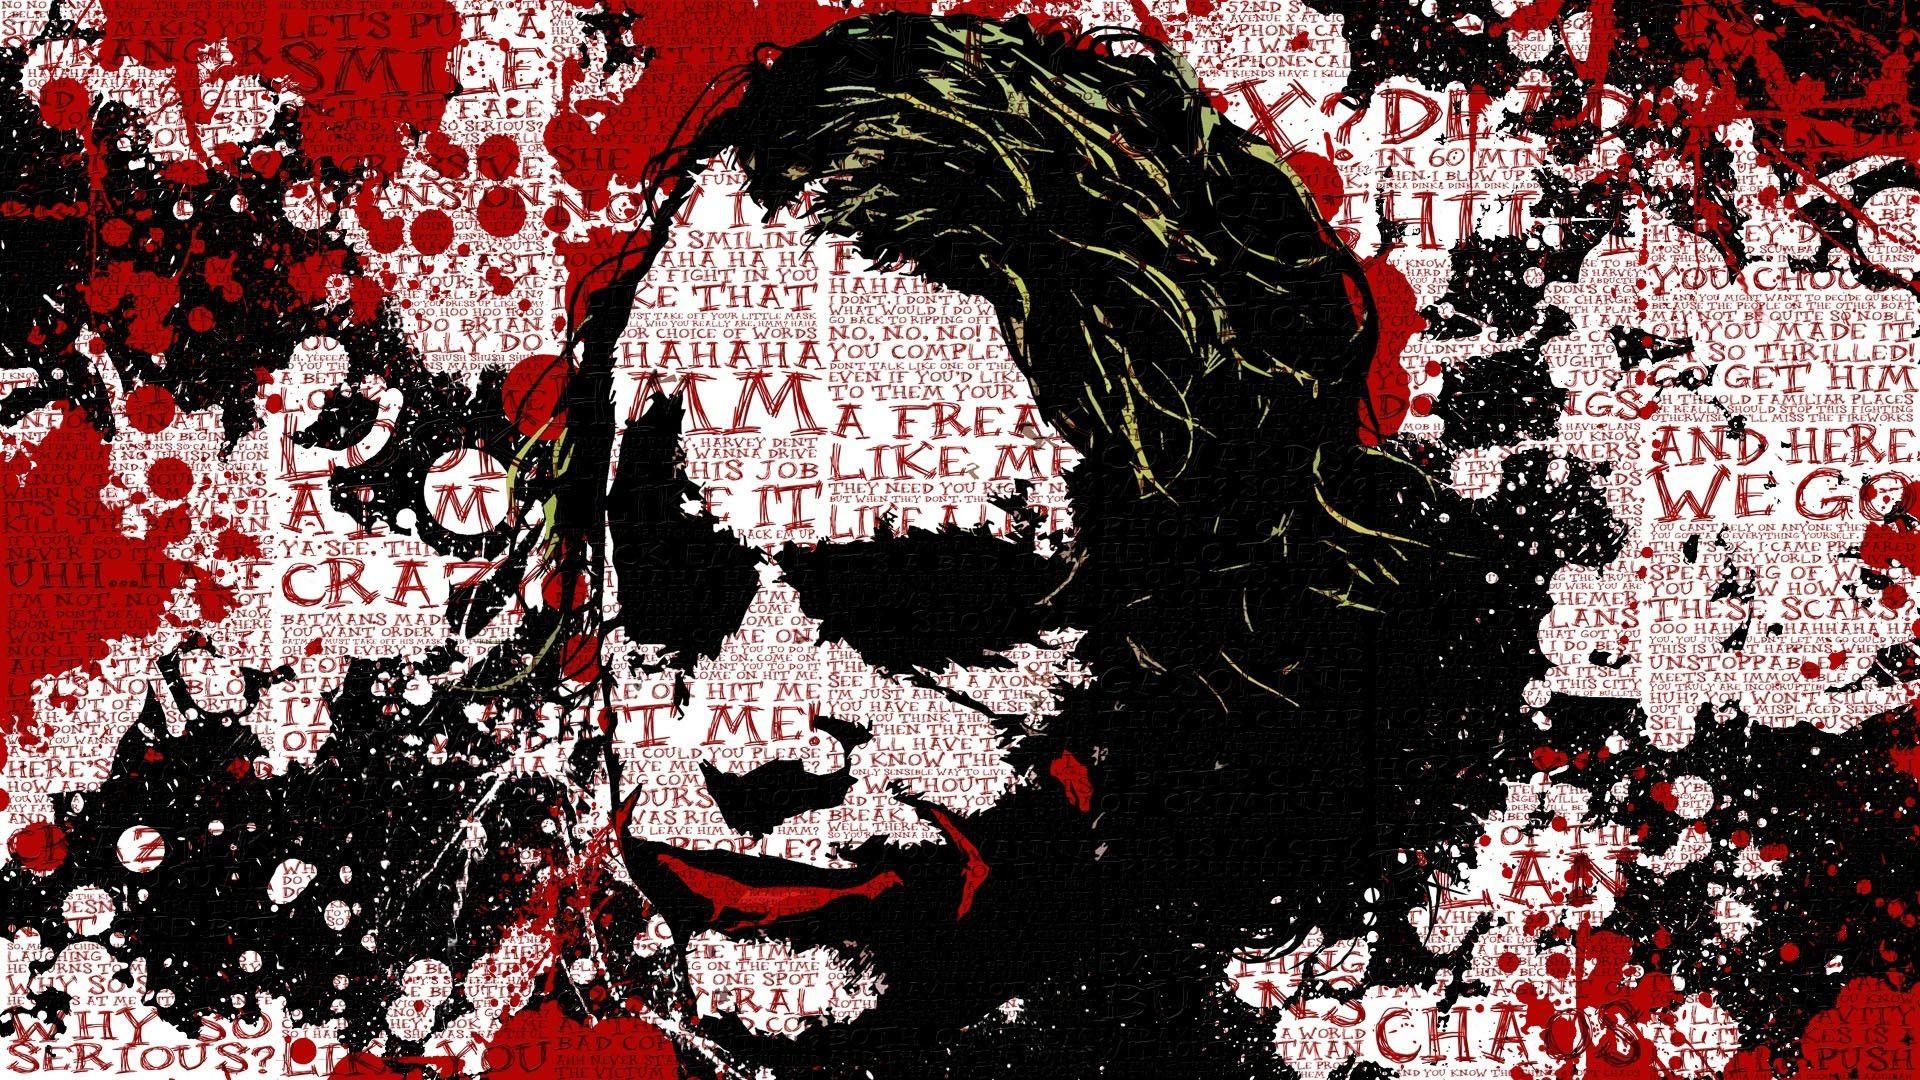 1920x1080 Joker Hd Wallpapers 1080p Wallpaper 1117164 Joker Wallpapers Joker Hd Wallpaper Batman Joker Wallpaper